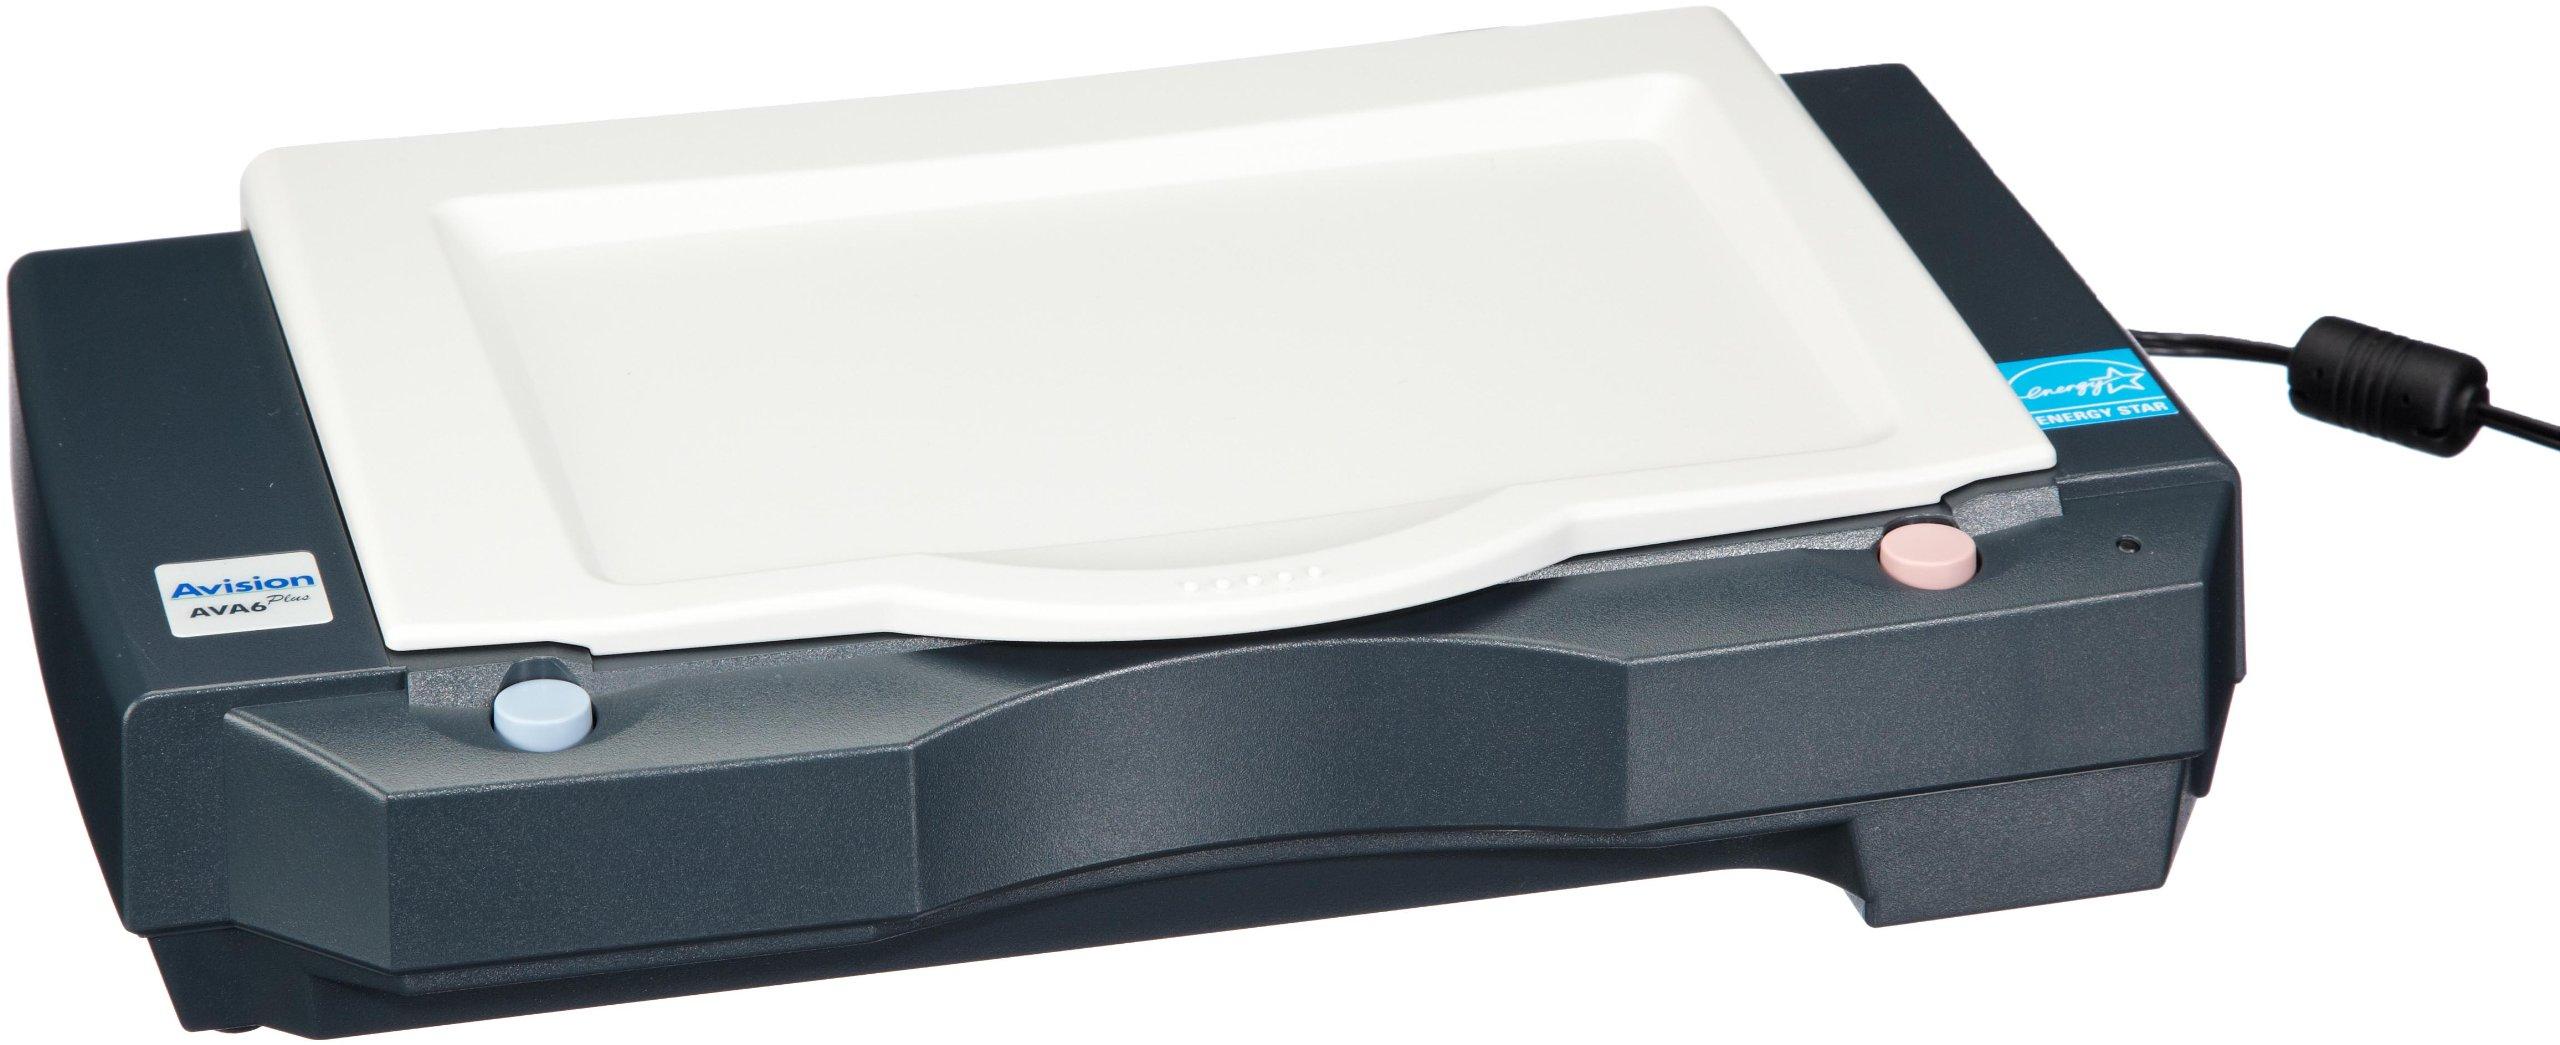 Avision AVA6+ Portable Flatbed Scanner